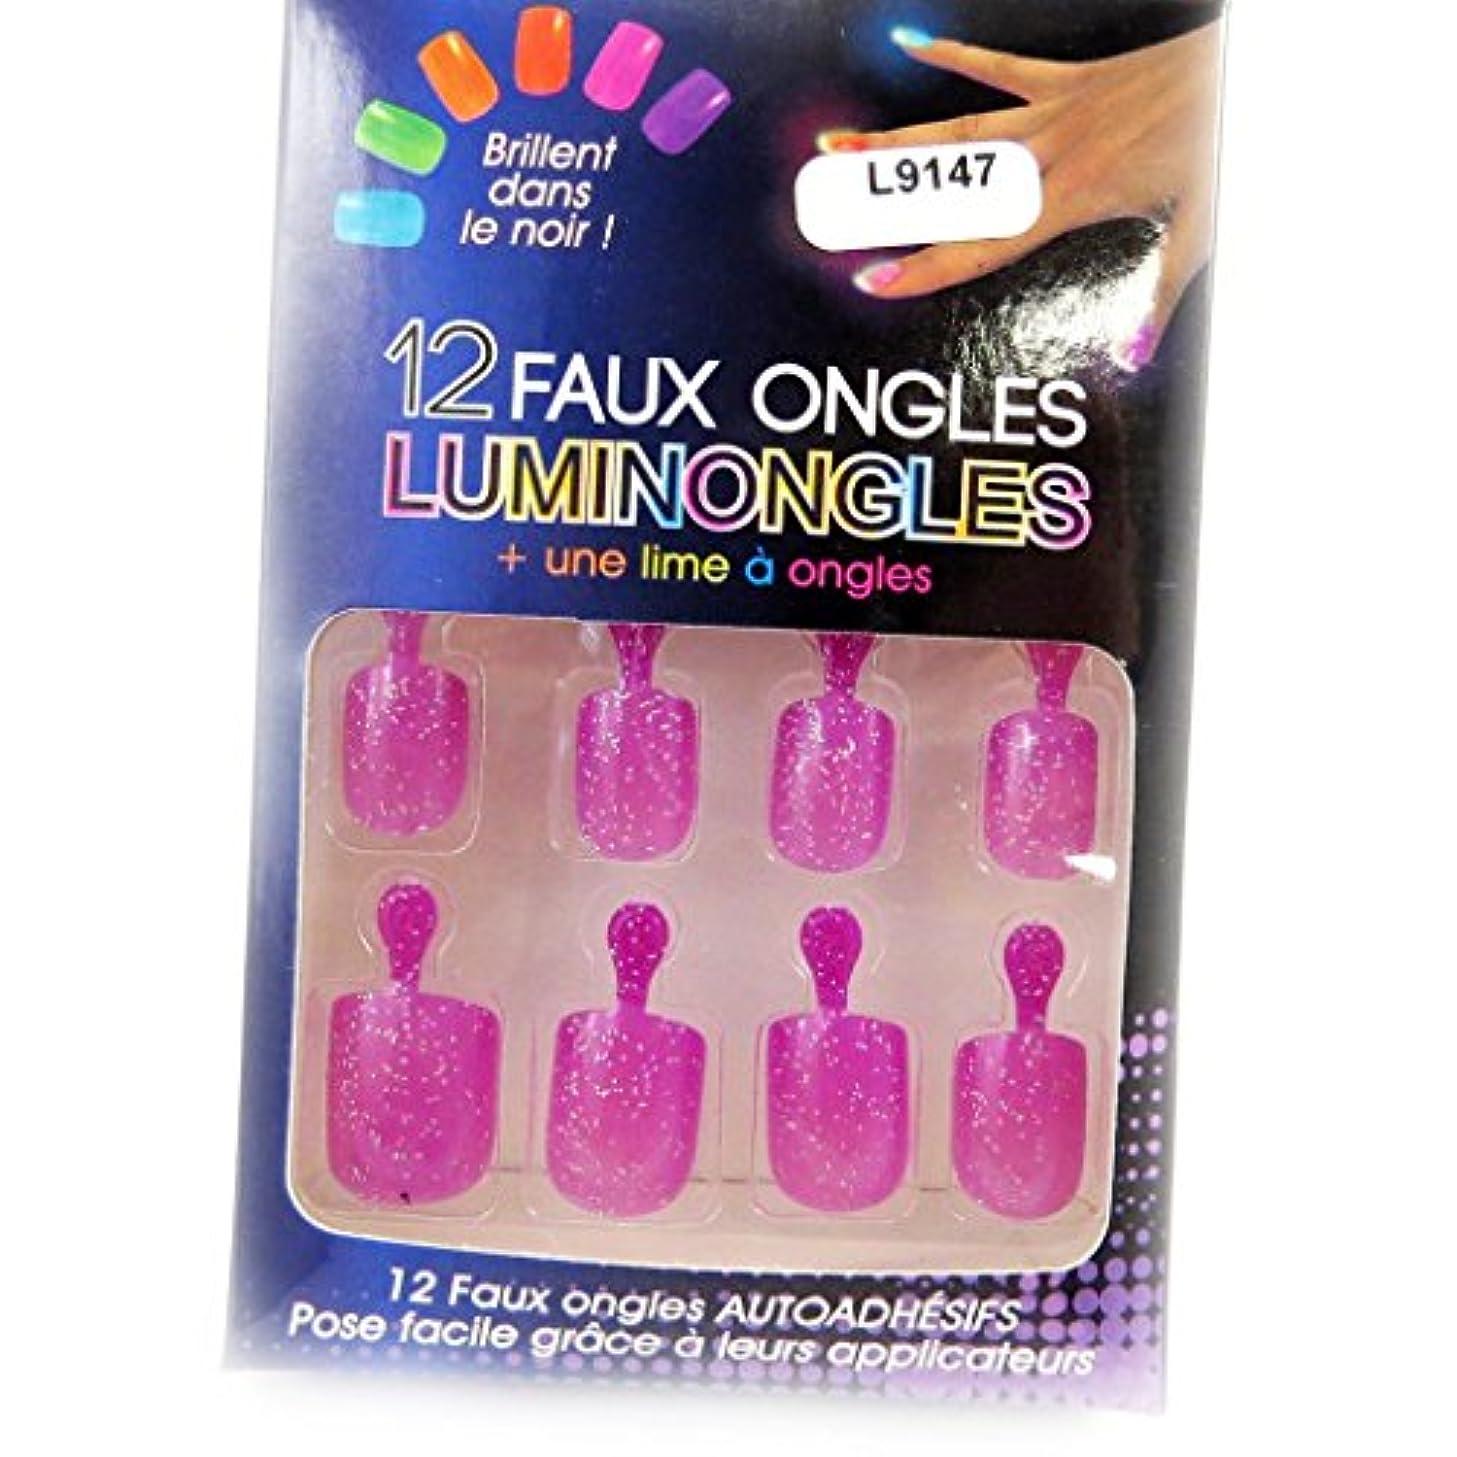 クラウド馬力くるくる[リリーの宝 (Les Tresors De Lily)] (Luminongles コレクション) [L9147] アクリルスカルプチュア ピンク